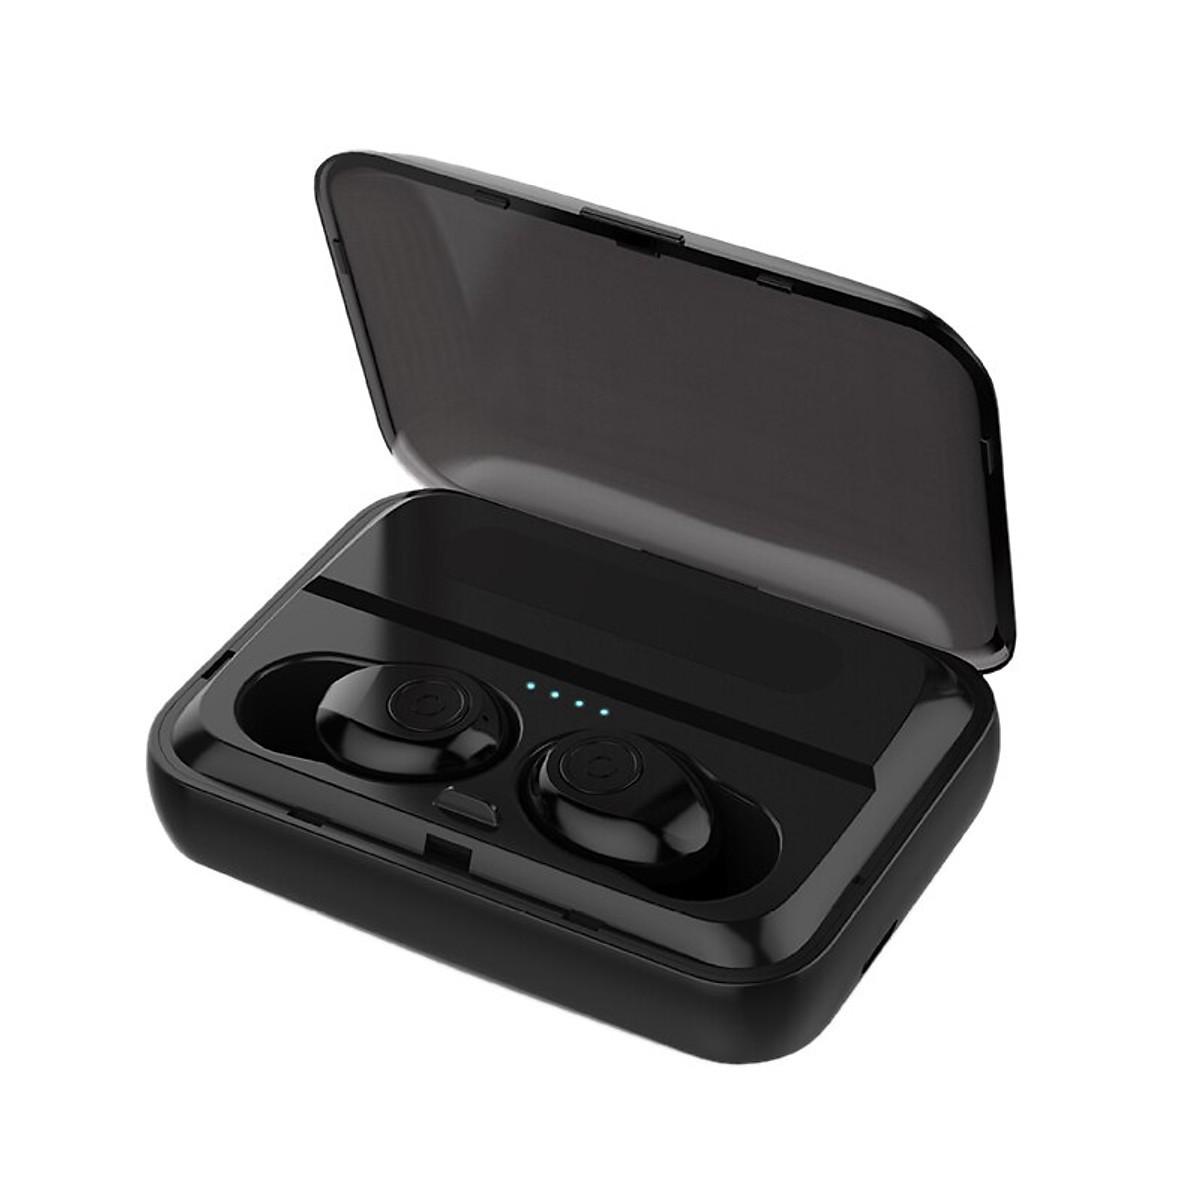 Tai nghe bluetooth không dây VINETTEAM F9 V5.0 Chống Nước IPX7 Version 2020 - Hàng chính hãng